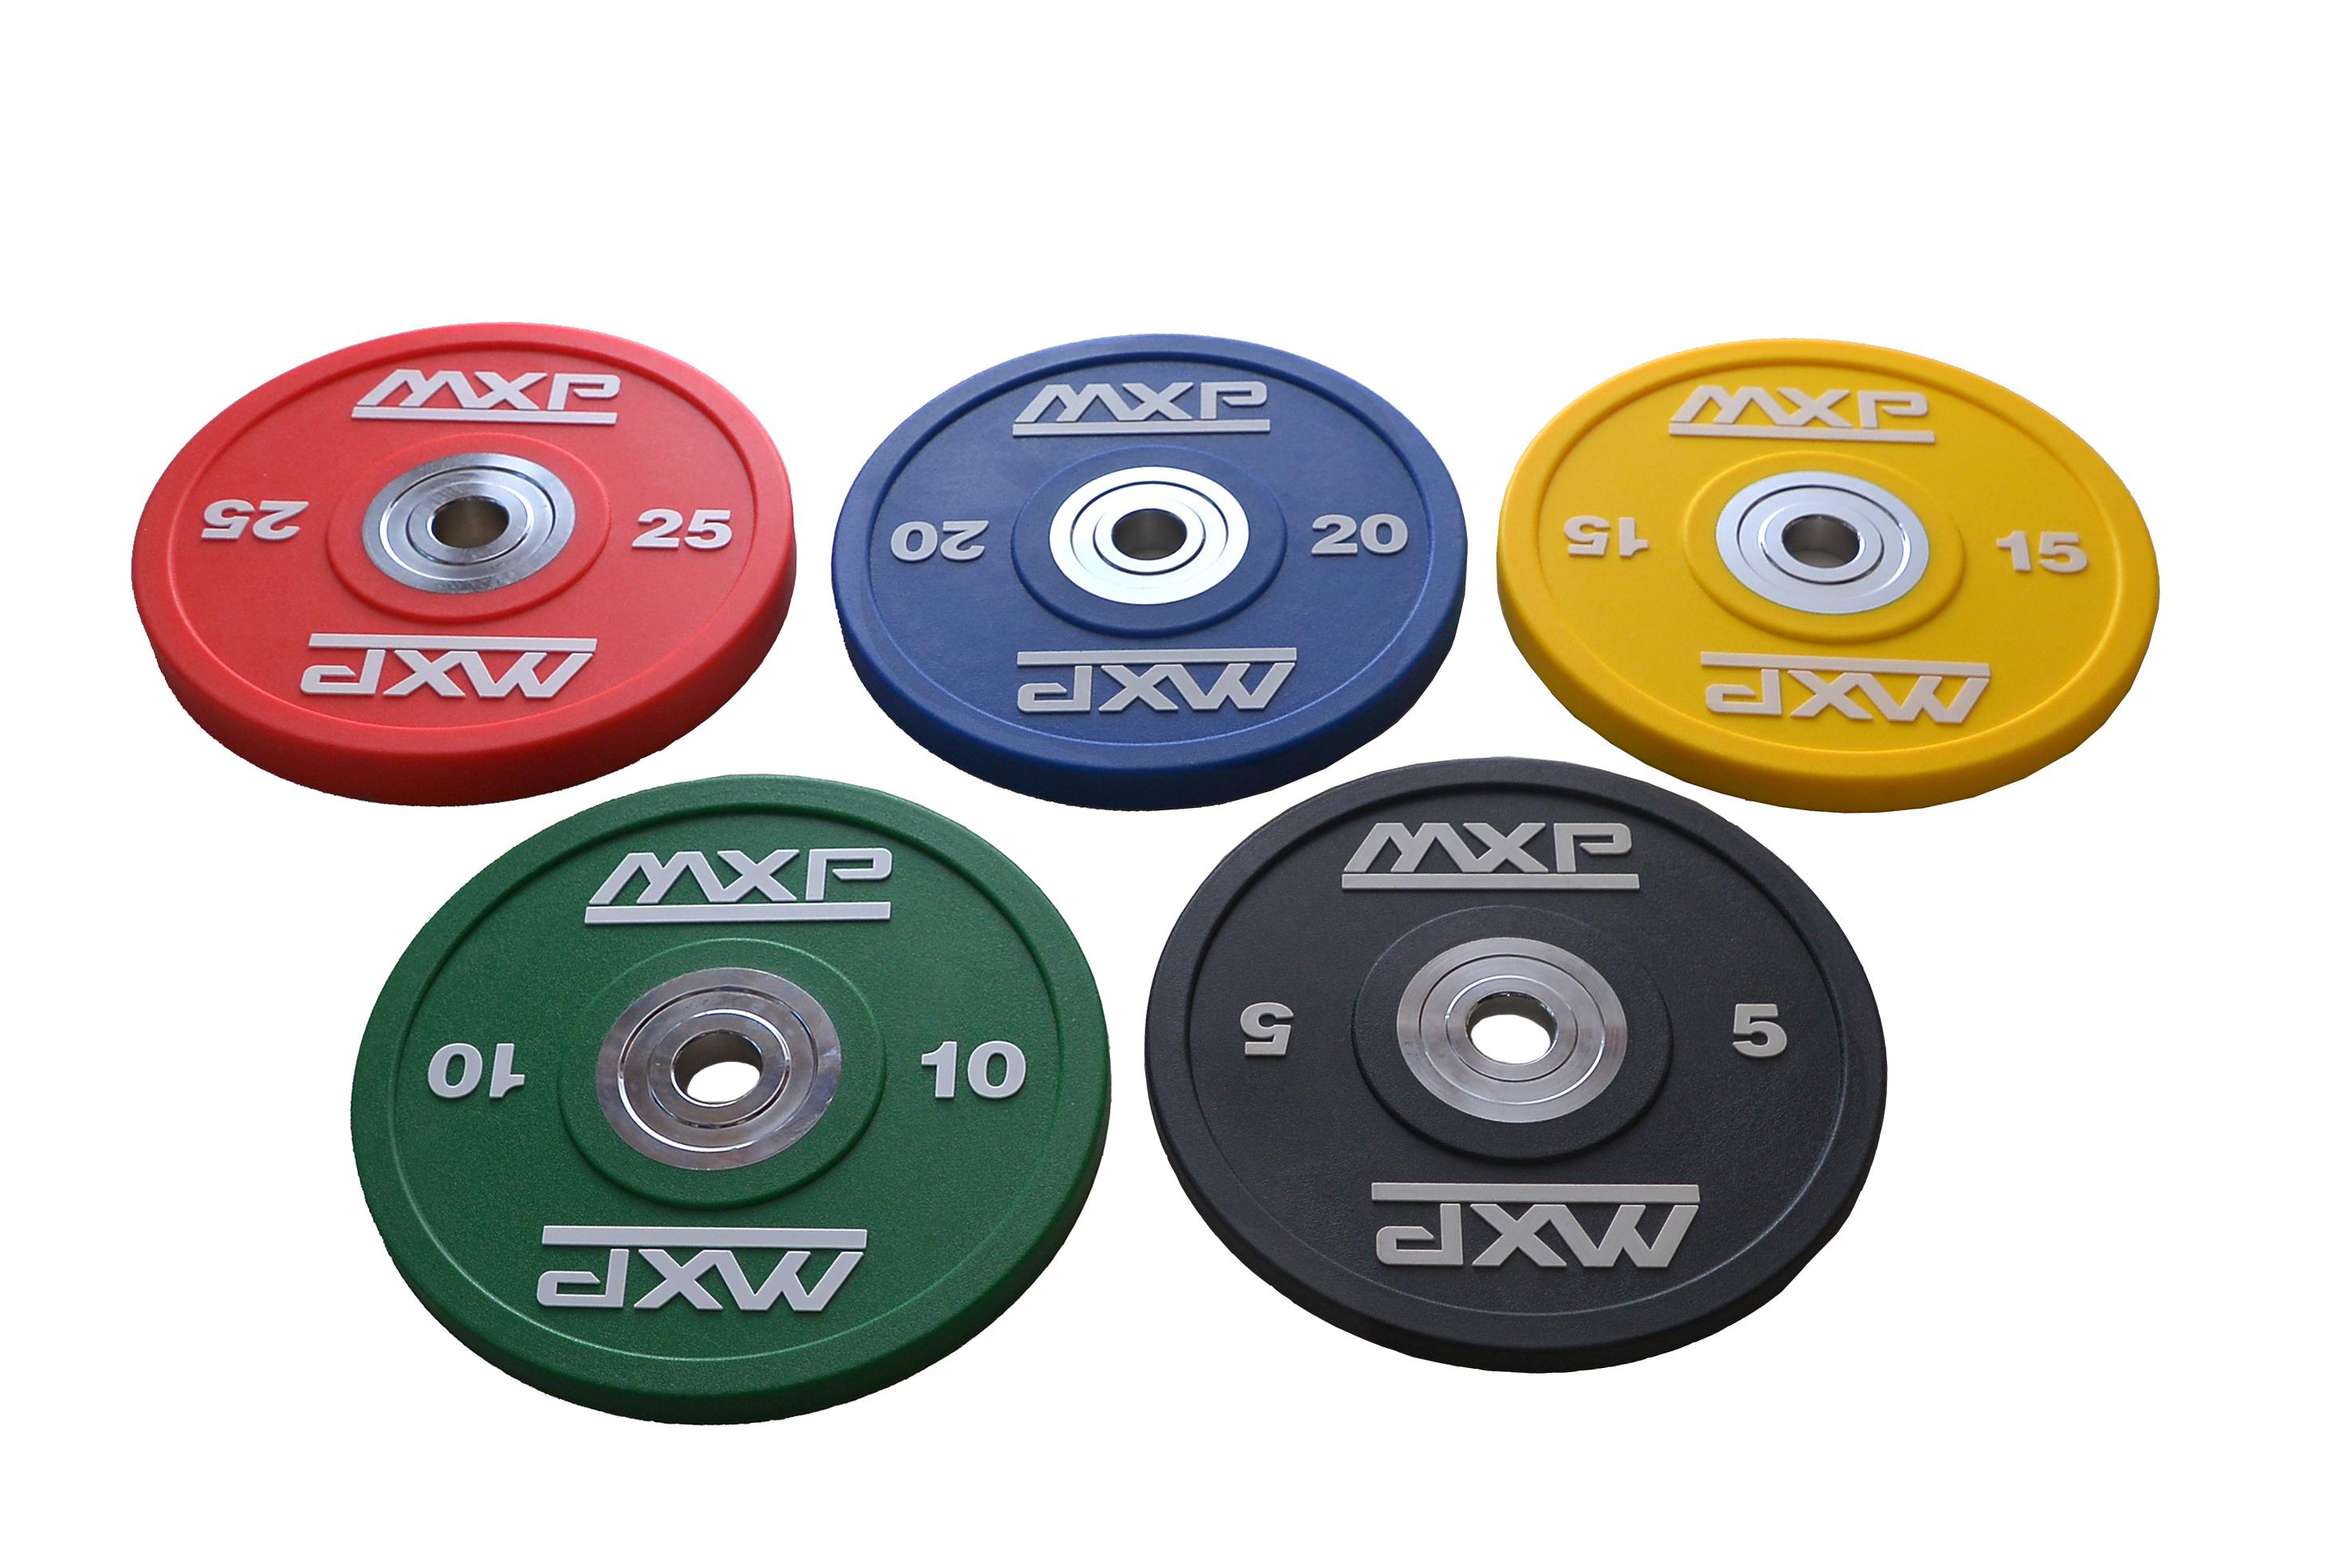 Kotouč Bumper Plate CrossGym - 5 kg